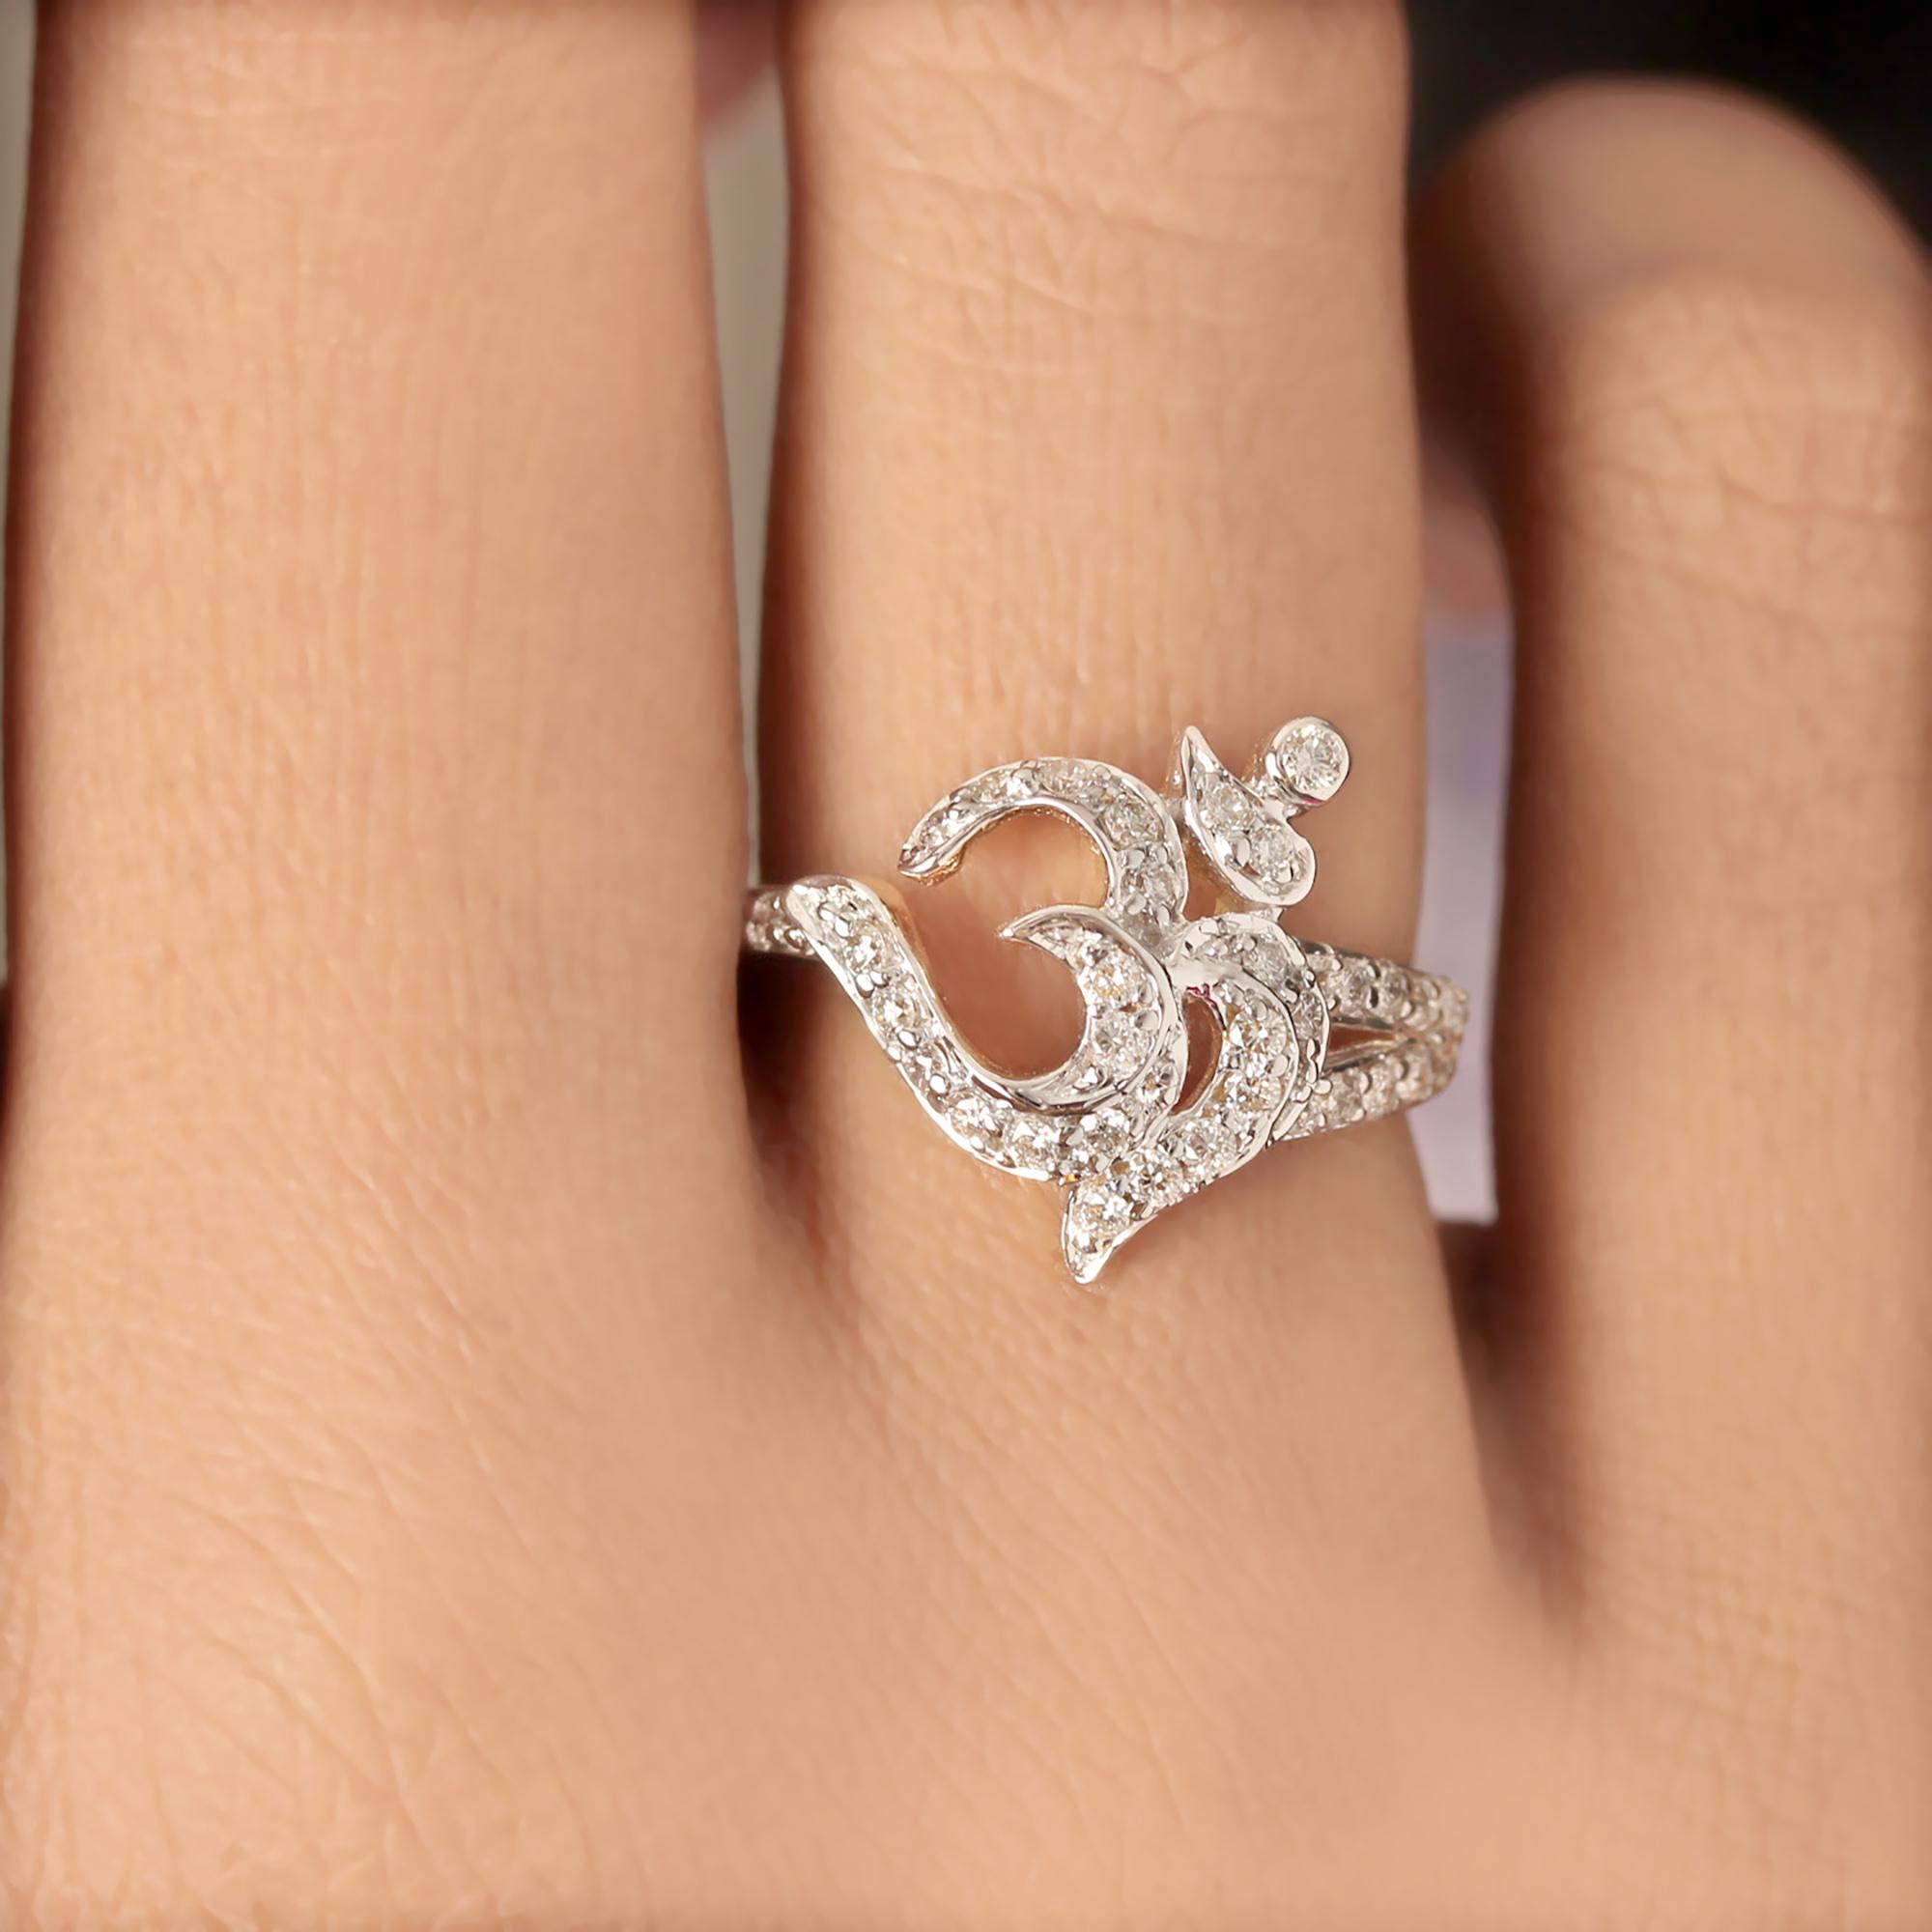 Design OM Ring In Diamond